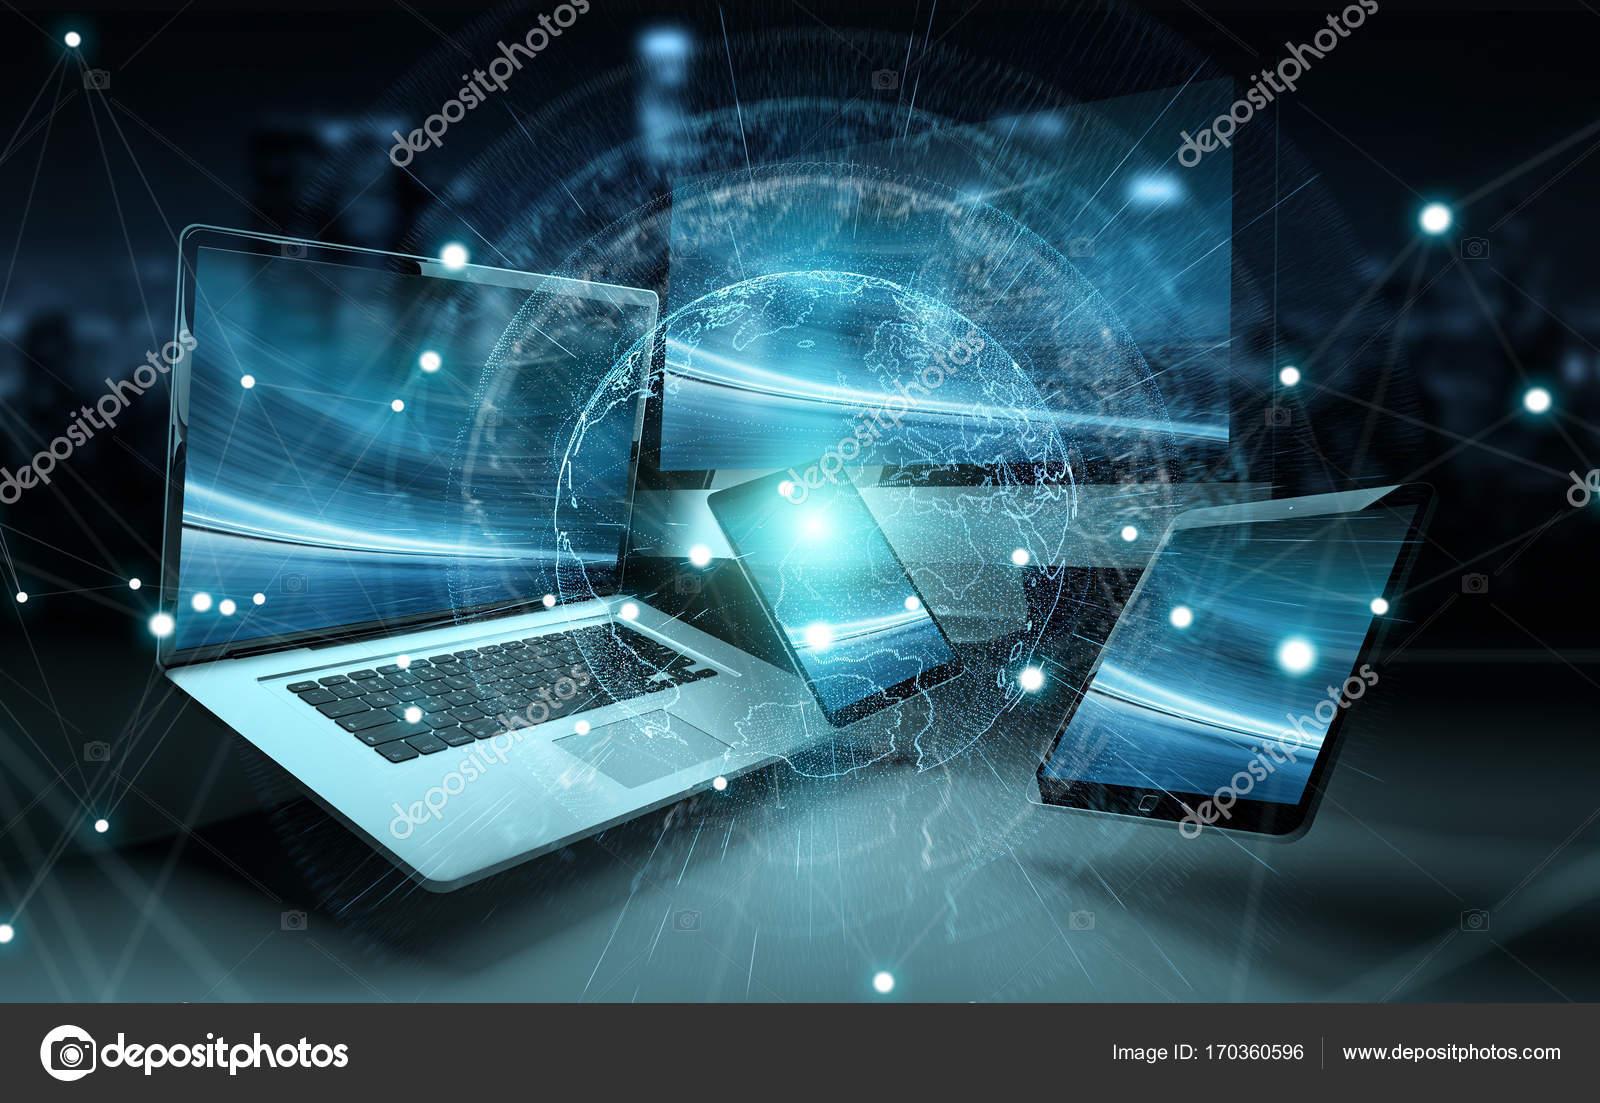 dd289badce7 Интерфейс сервера во всем мире через современные технические устройства в  темном фоне 3d рендеринга — Фото автора ...